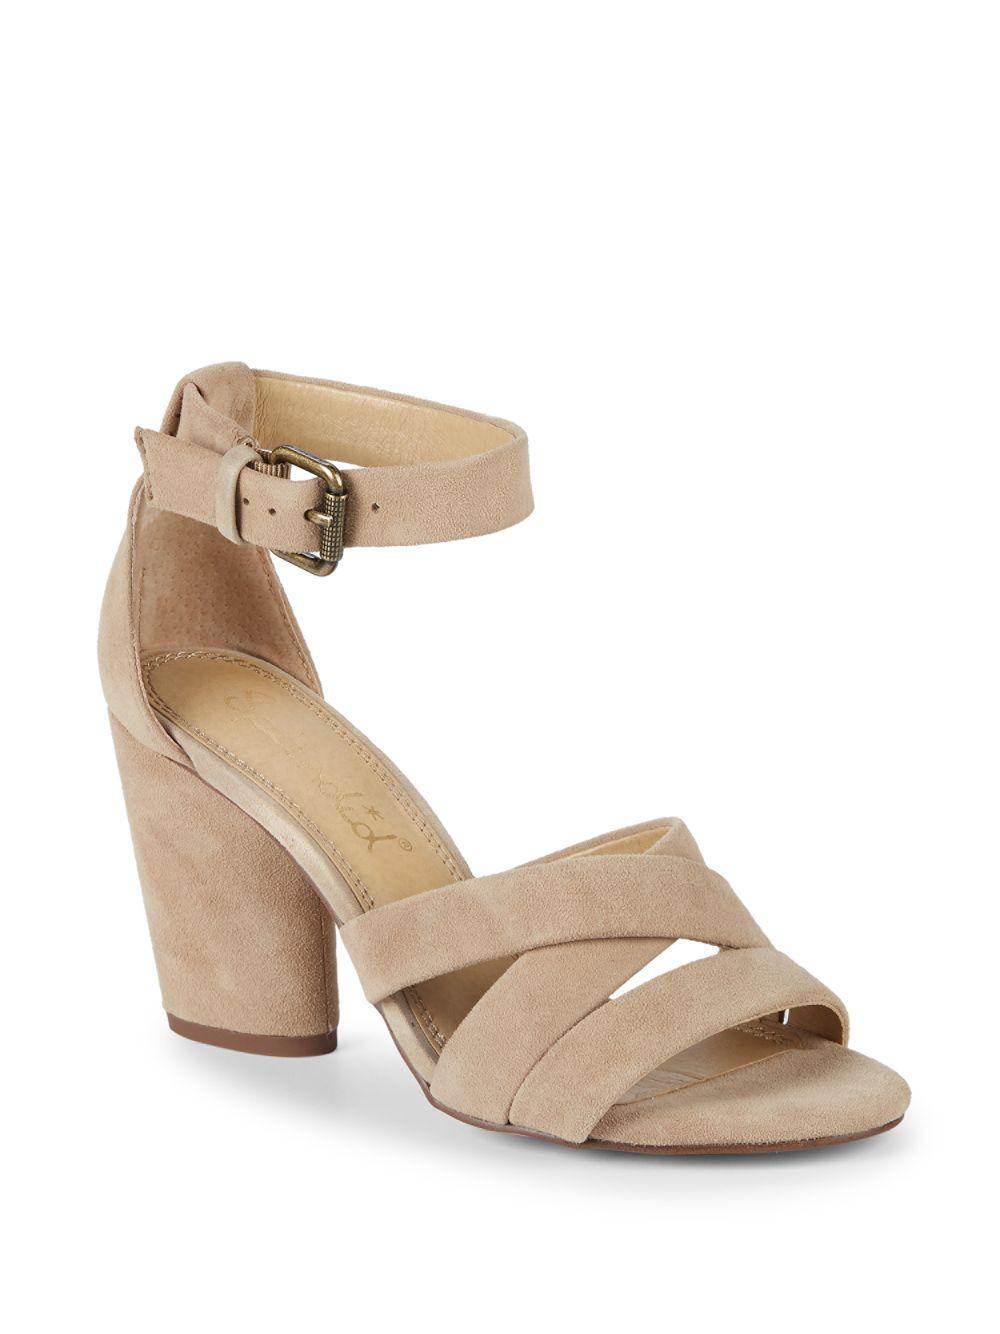 de1bdba3d5f Lyst - Splendid Nolan Block Heel Suede Sandals in Natural